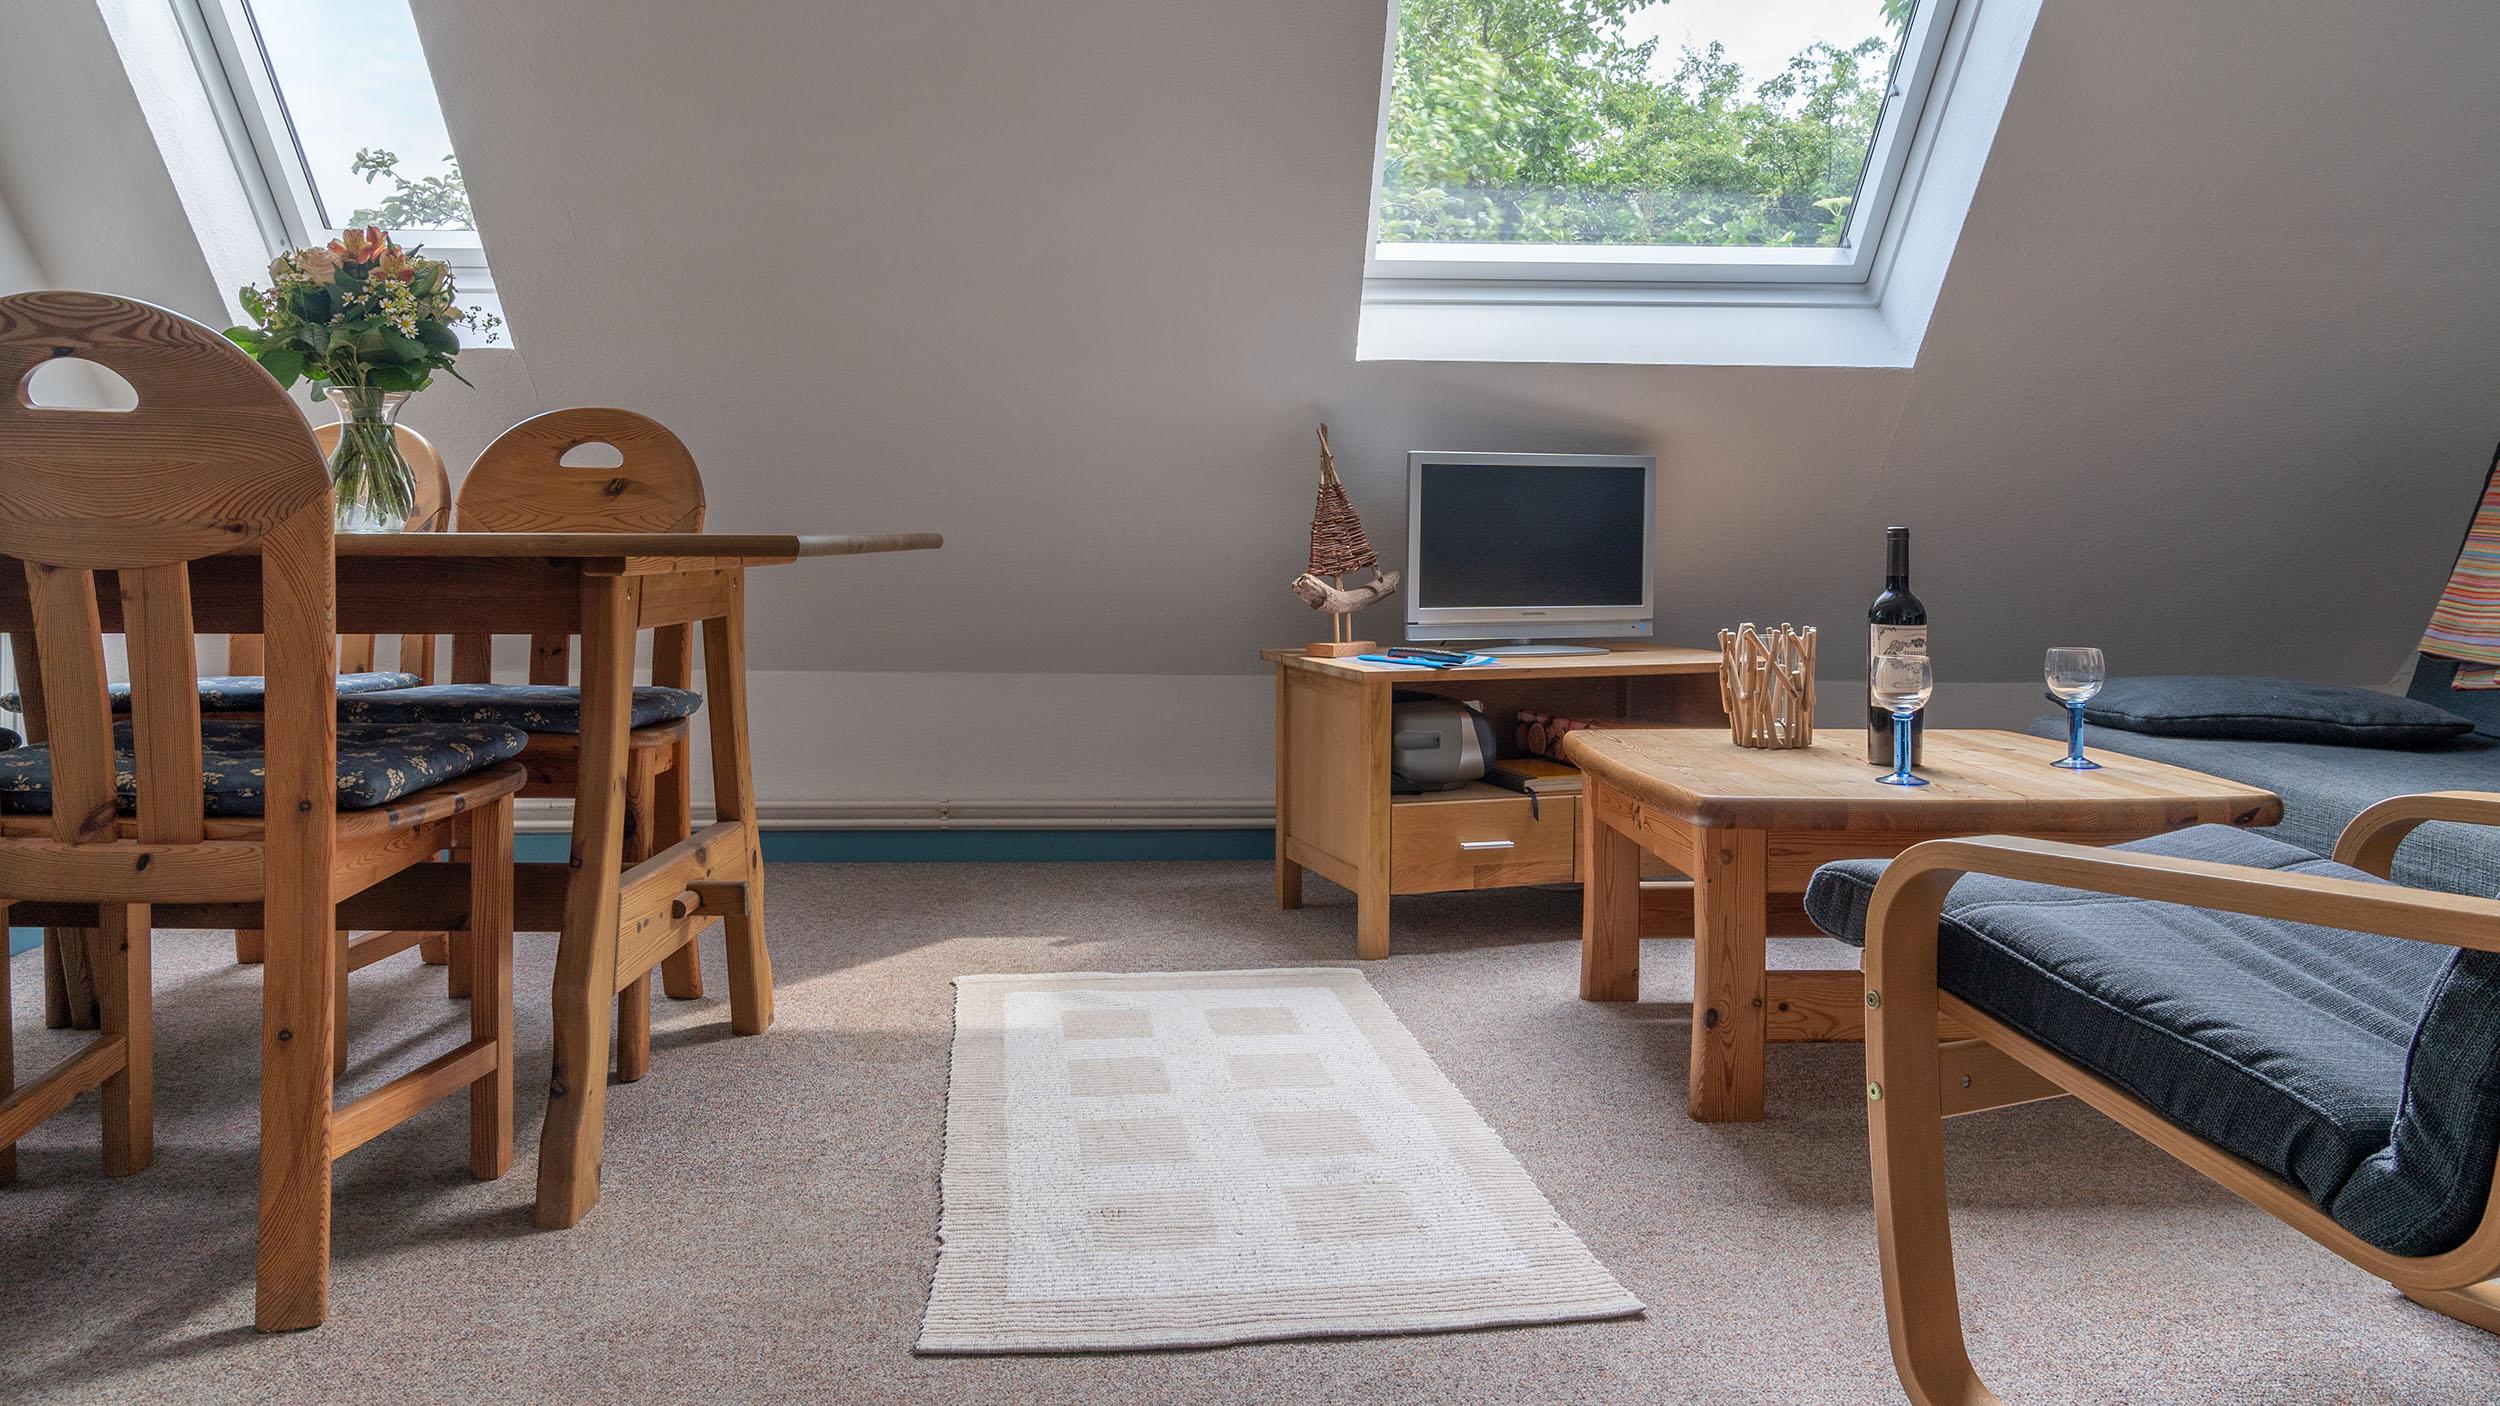 Haus Vogelkiek - Ferienwohnung Silbermöwe - Wohnzimmer